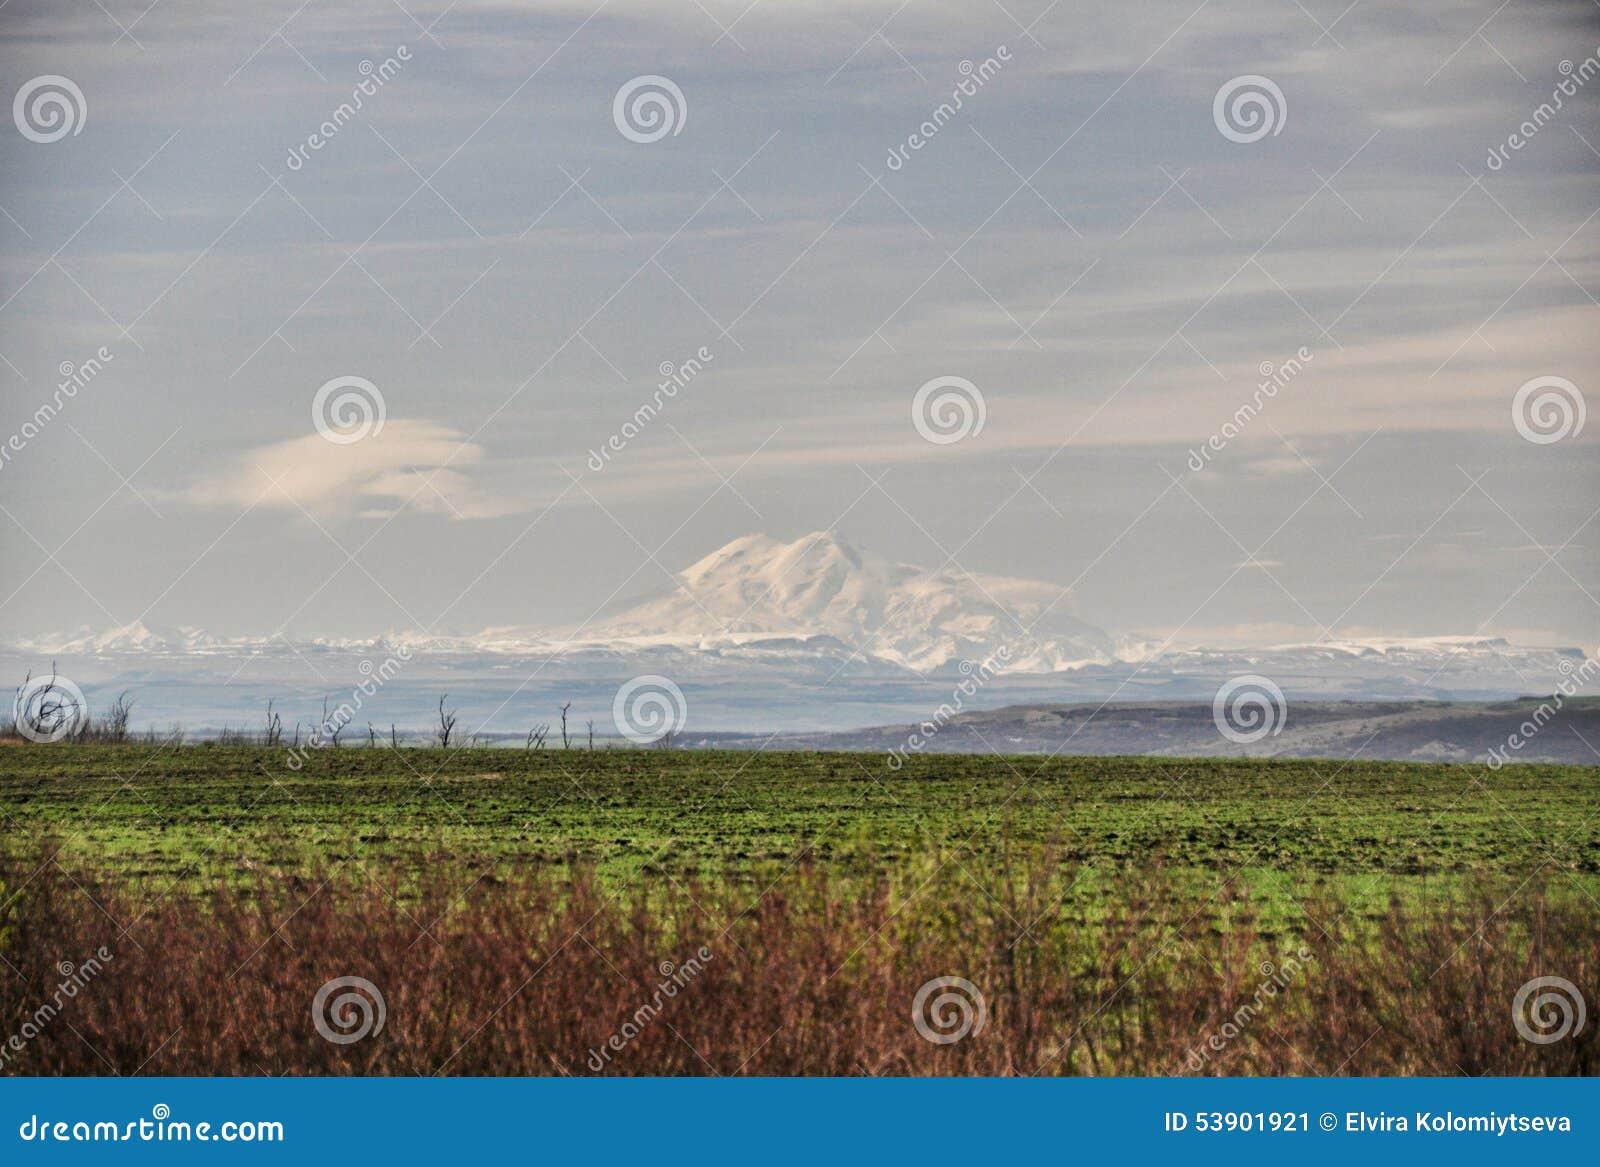 Highest berg in Europa